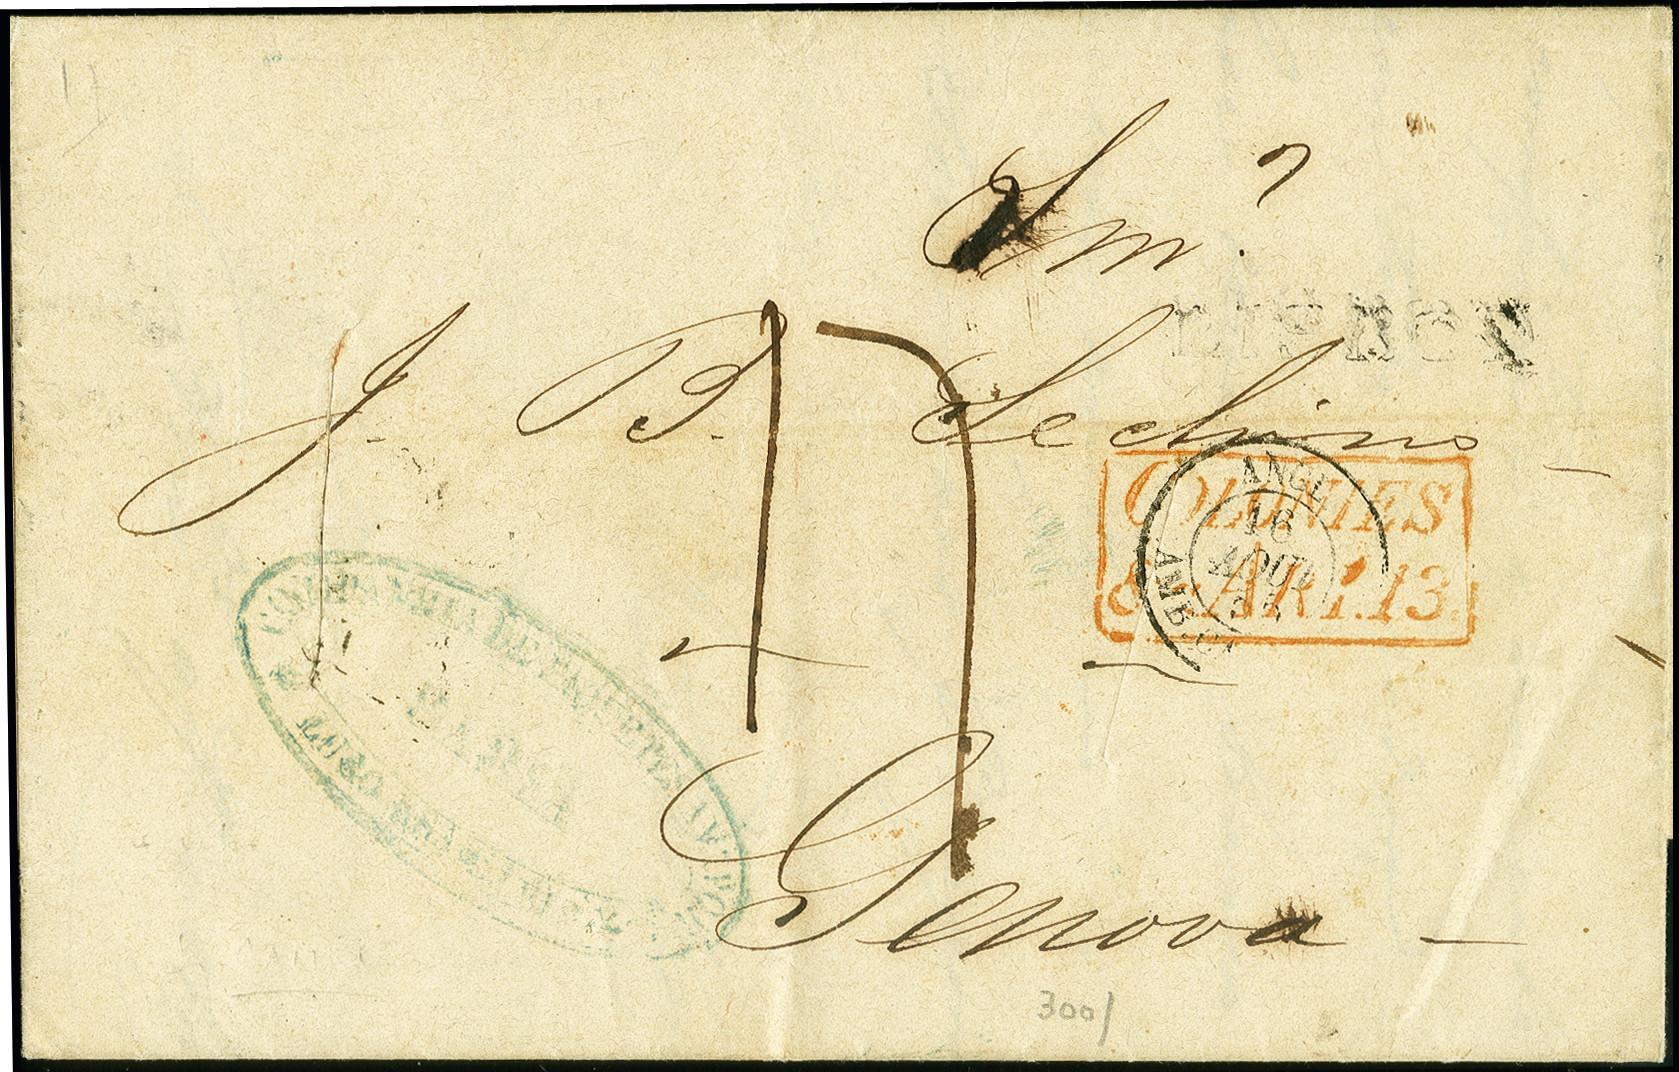 Lot 1552 - übersee brazil -  Heinrich Koehler Auktionen 375rd Heinrich Köhler auction - Day 1